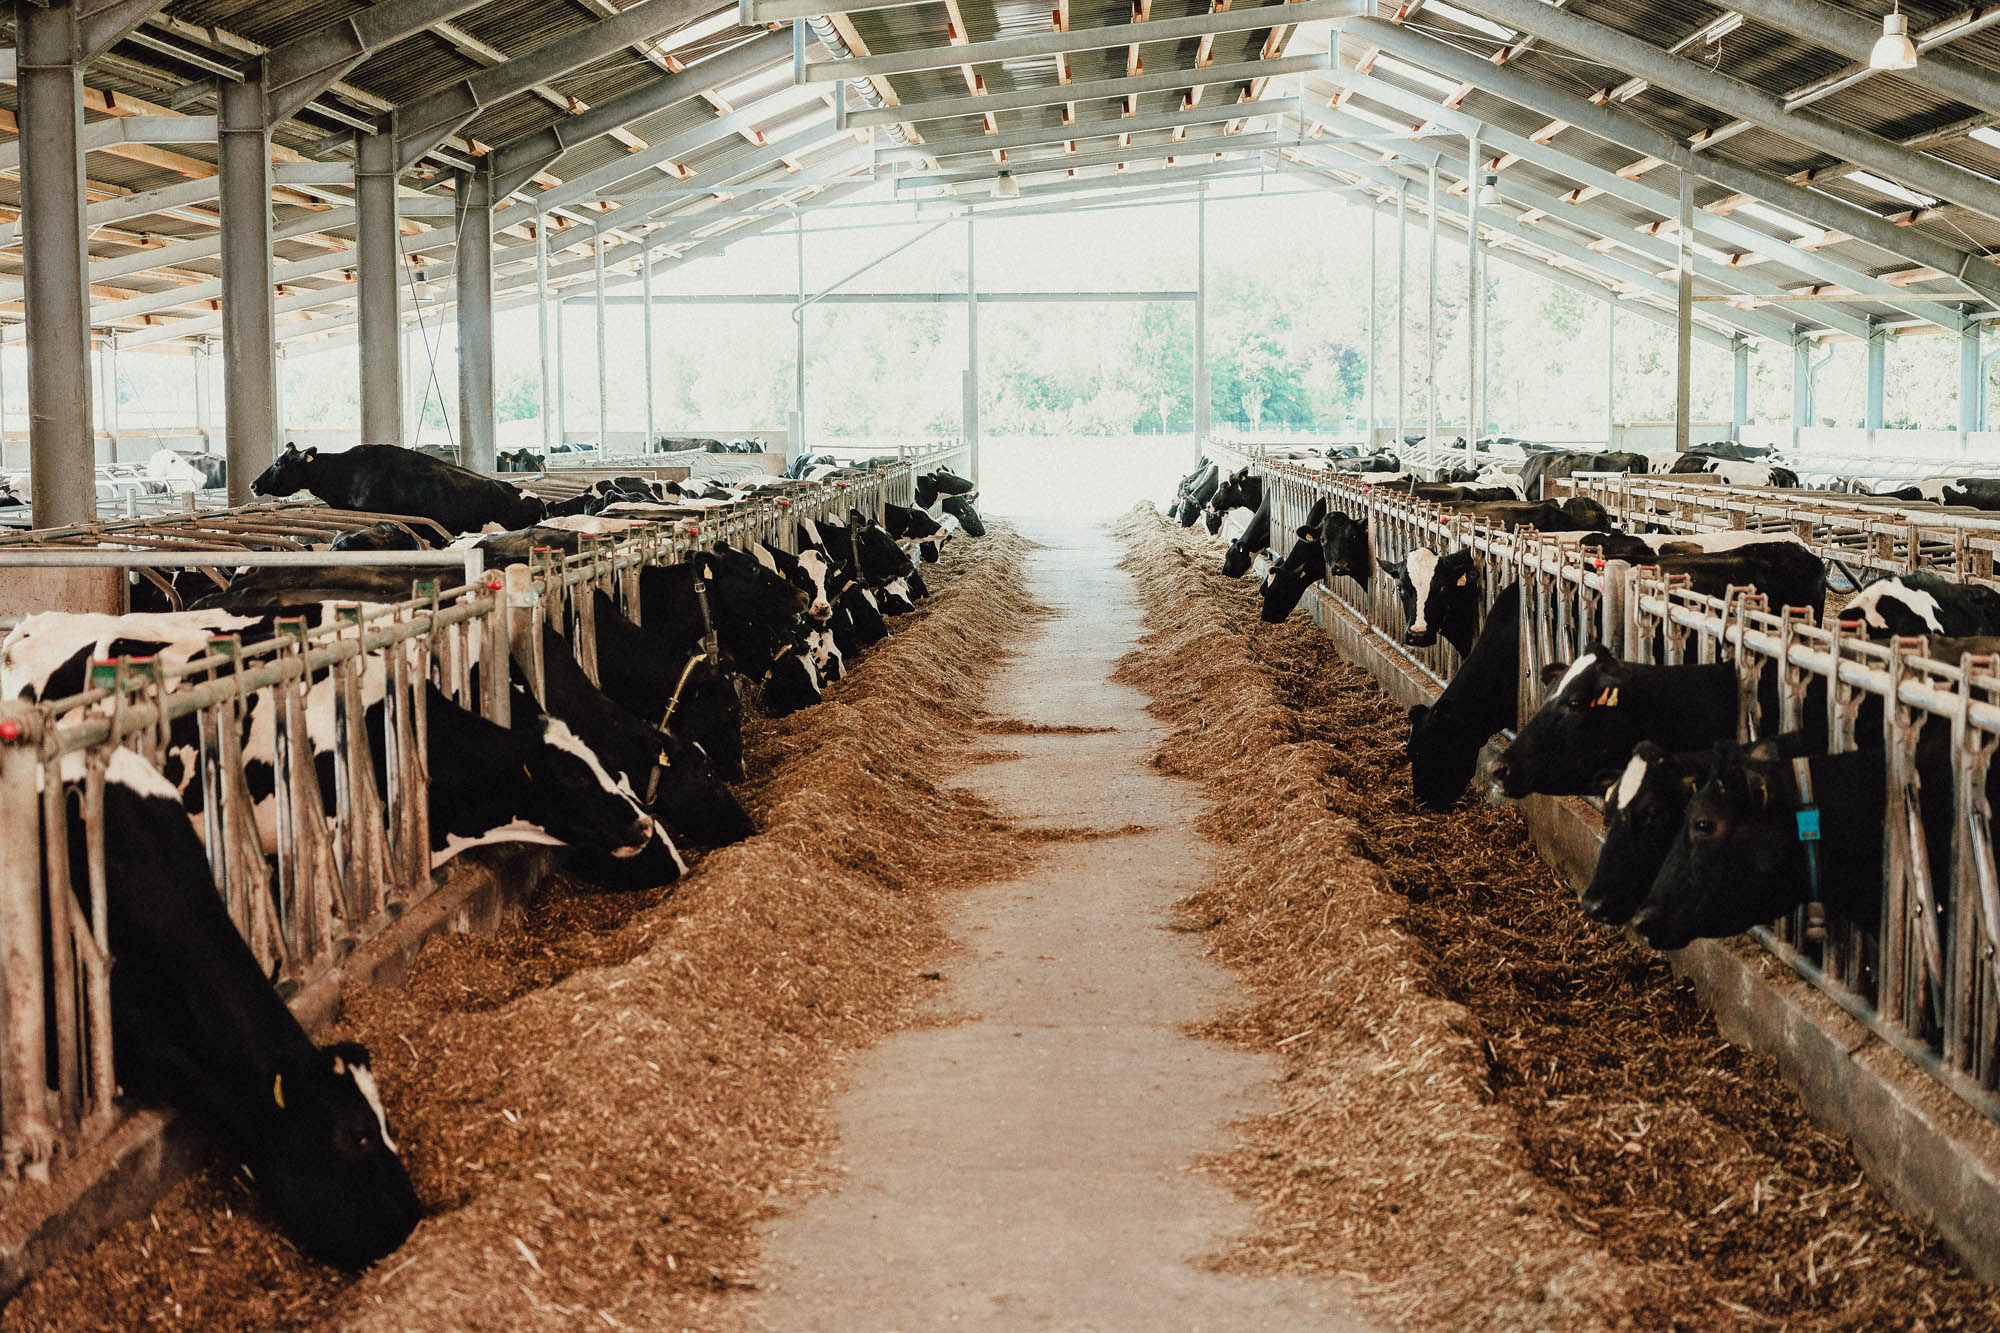 Blick in den Kuhstall